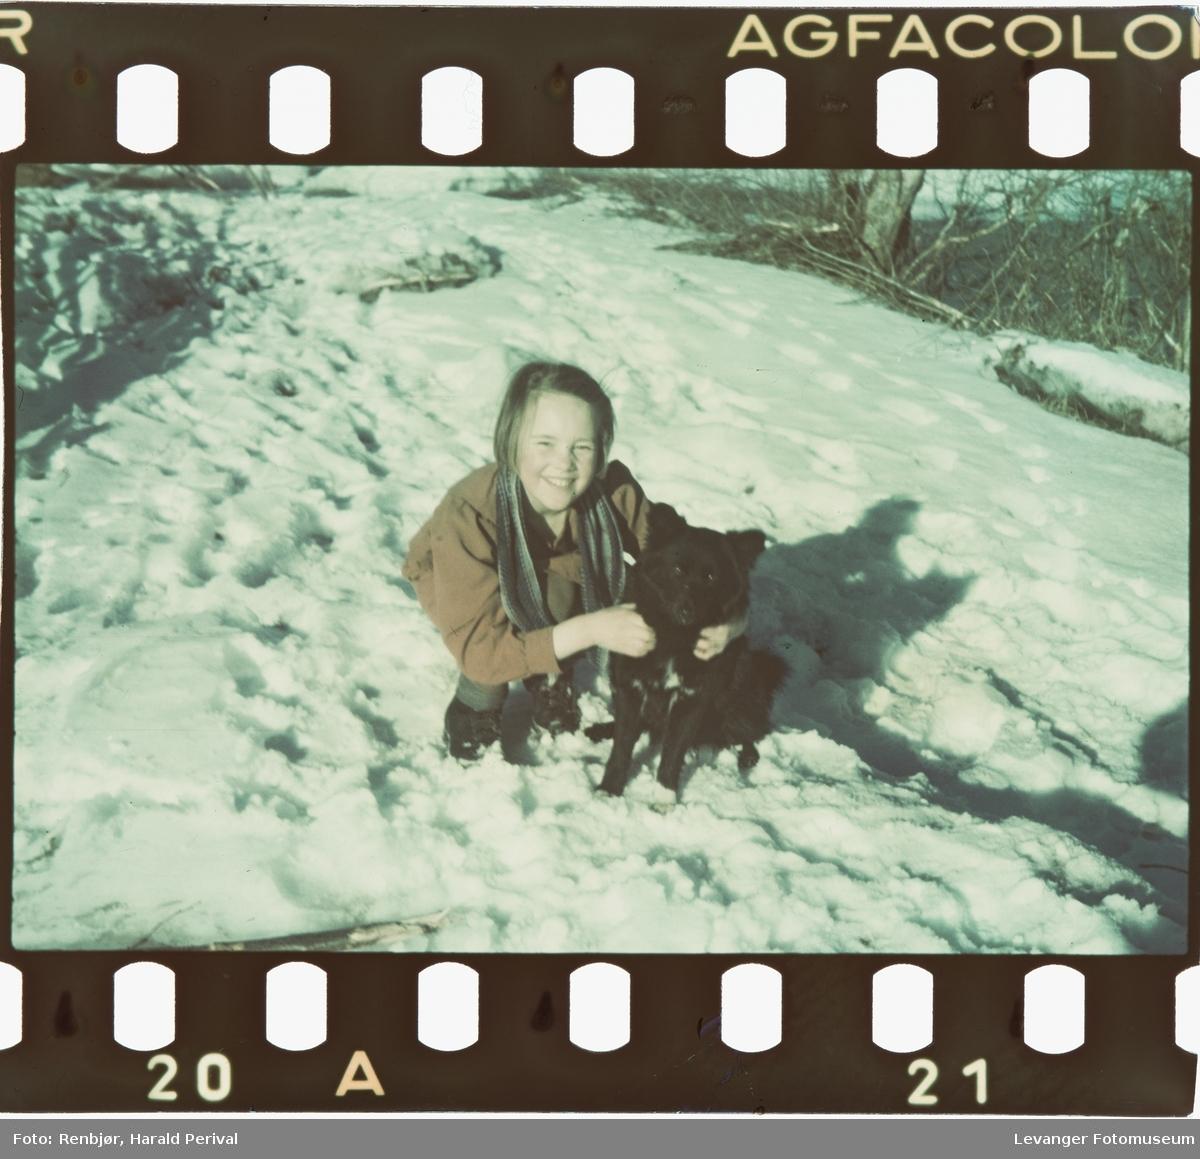 Jente leker med hund i snøen.